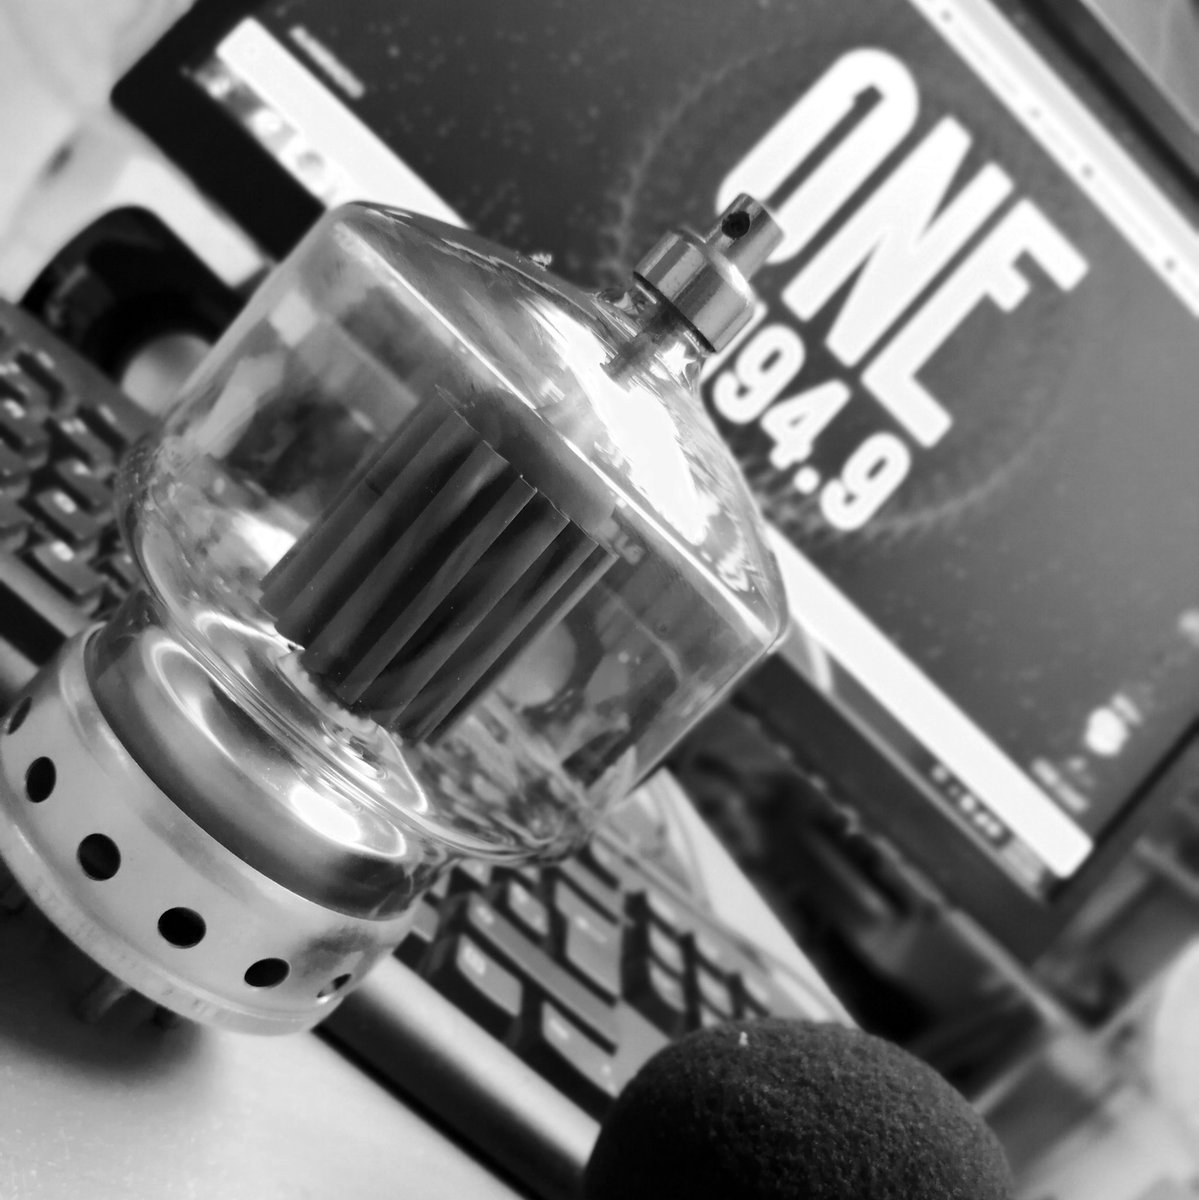 . Los invito a que escuchen la nueva programación de @ONE949FM, es un trabajo en equipo, espero sus comentarios.   En esta nueva temporada estrenamos: #ElWaffle #Cassette #Fuga #MoodONE #ONEMusicChart  Nos pueden escuchar a través de http://www.onefmveracruz.com   #DiaMundialdelaRadio